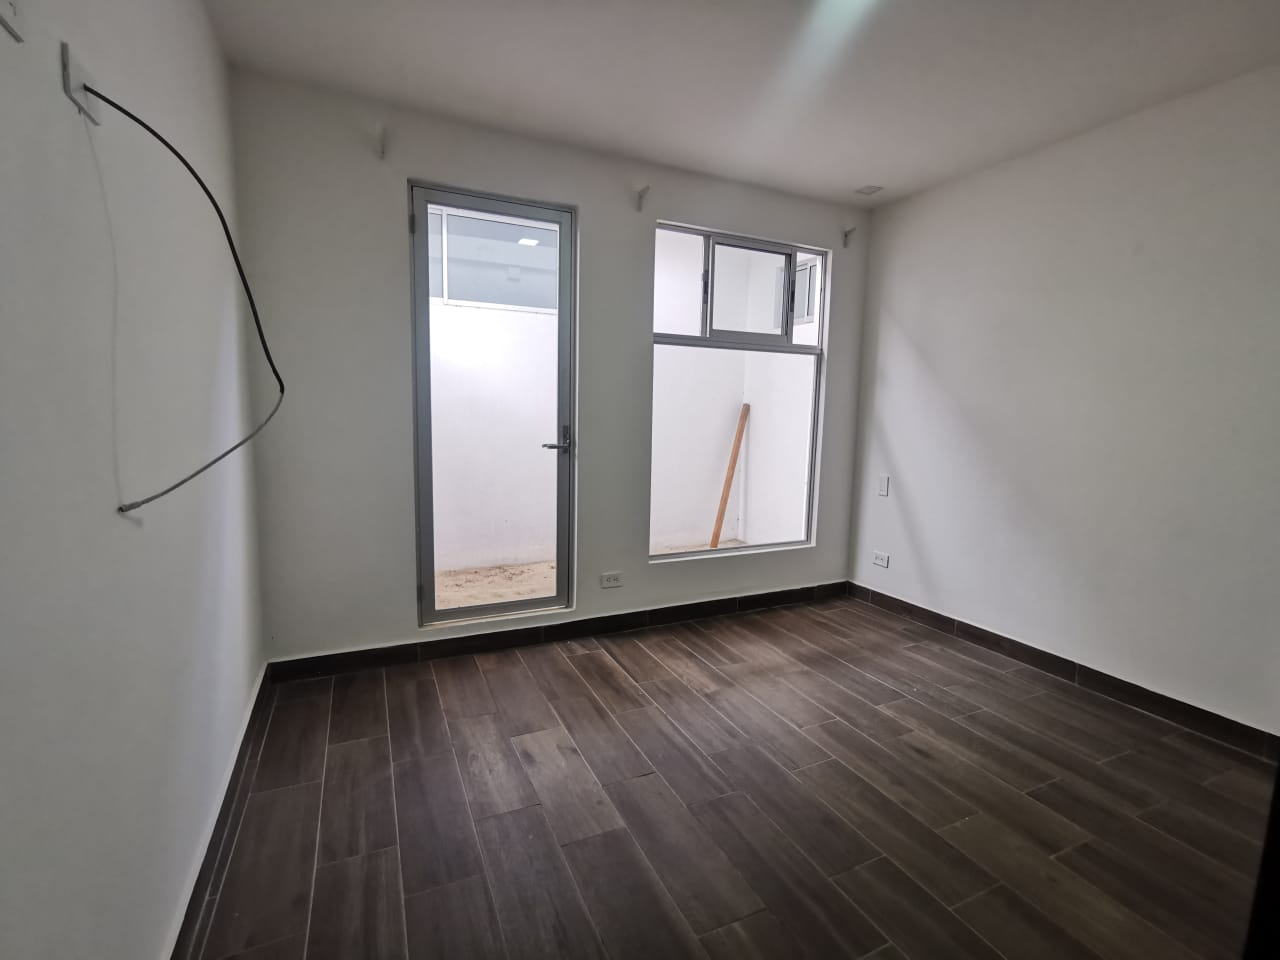 2238 Se alquila apartamento a 500 metros del Parque La Sabana. Incluye Internet, cable y patio. (Nuevo)